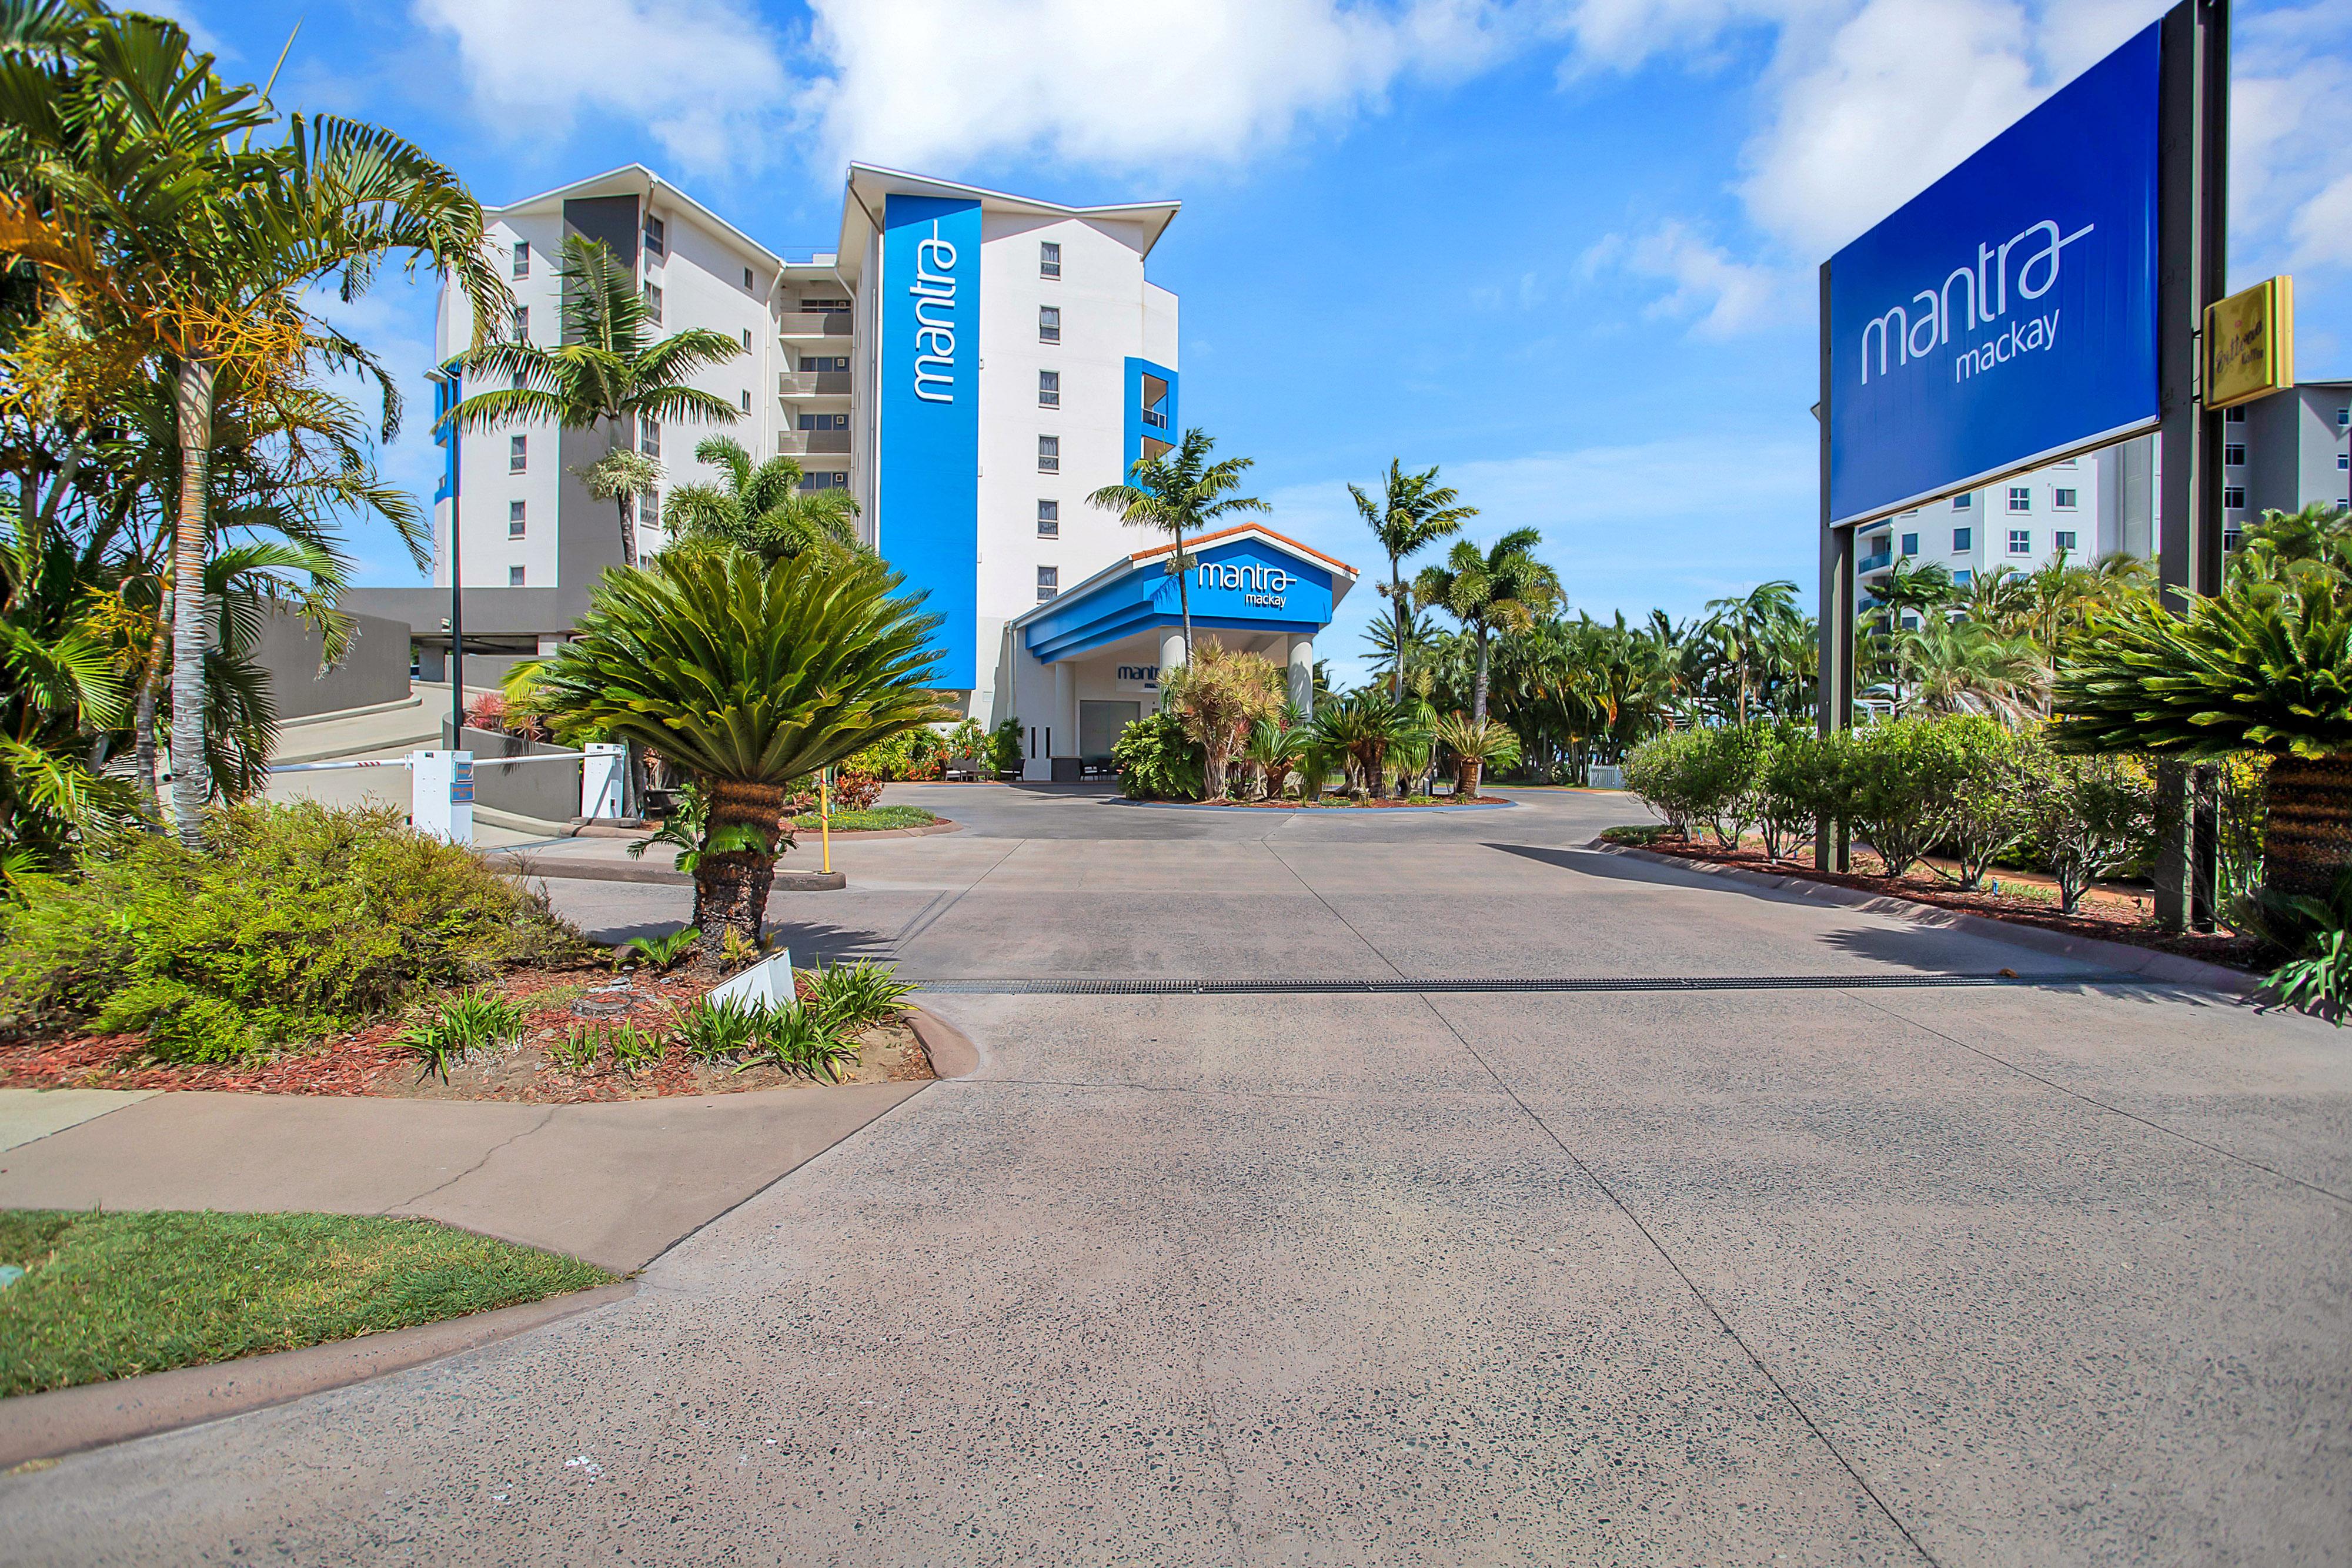 Mantra Hotel Mackay Marina